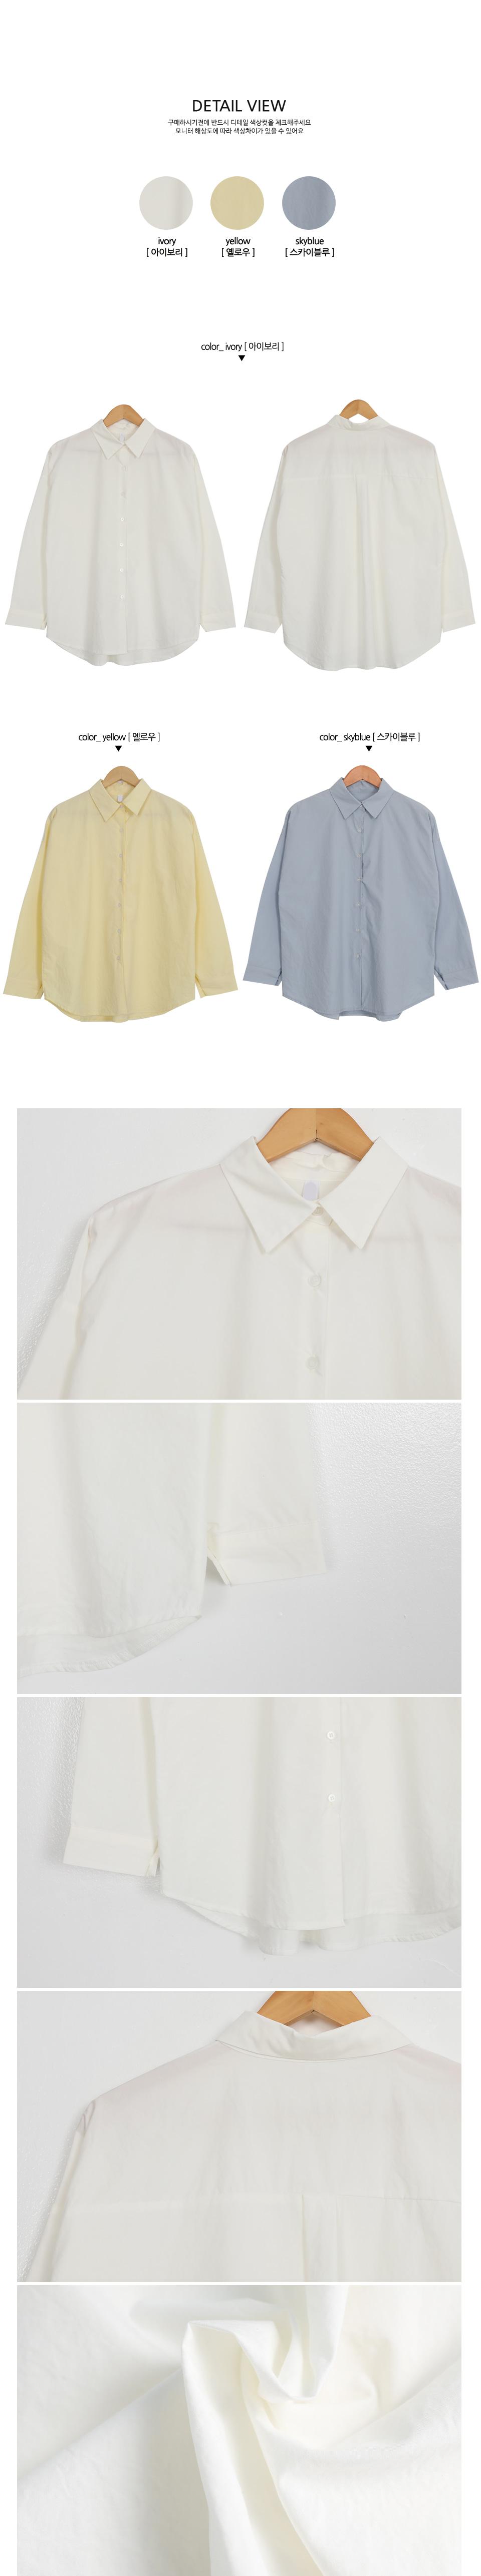 レギュラーカラールーズシャツ